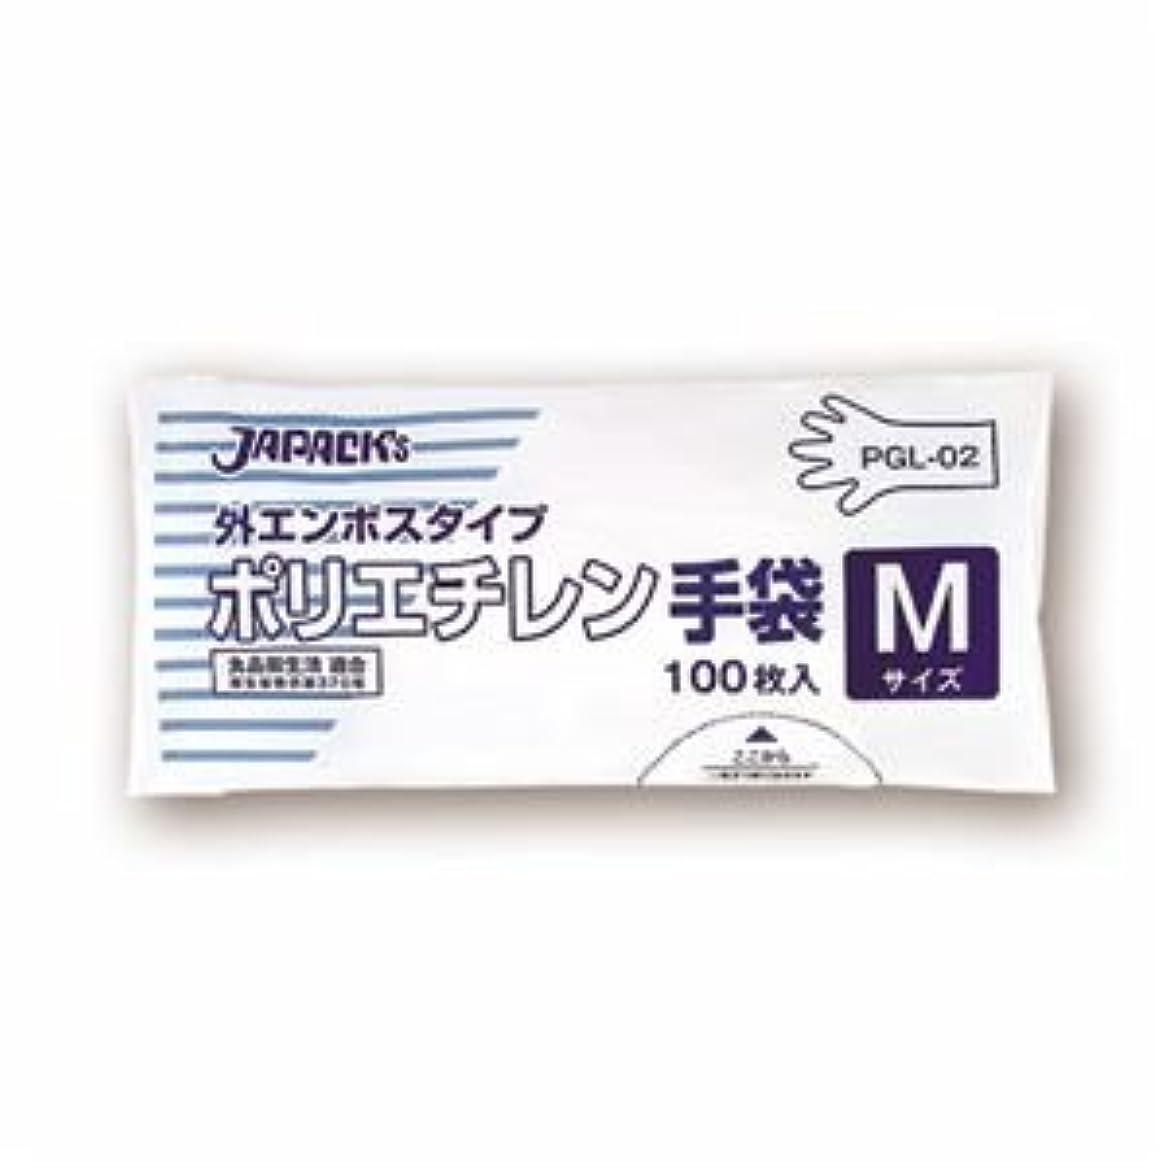 マーケティング金額血色の良い(まとめ) ジャパックス 外エンボスタイプ LDポリエチレン手袋 M PGL-02 1パック(100